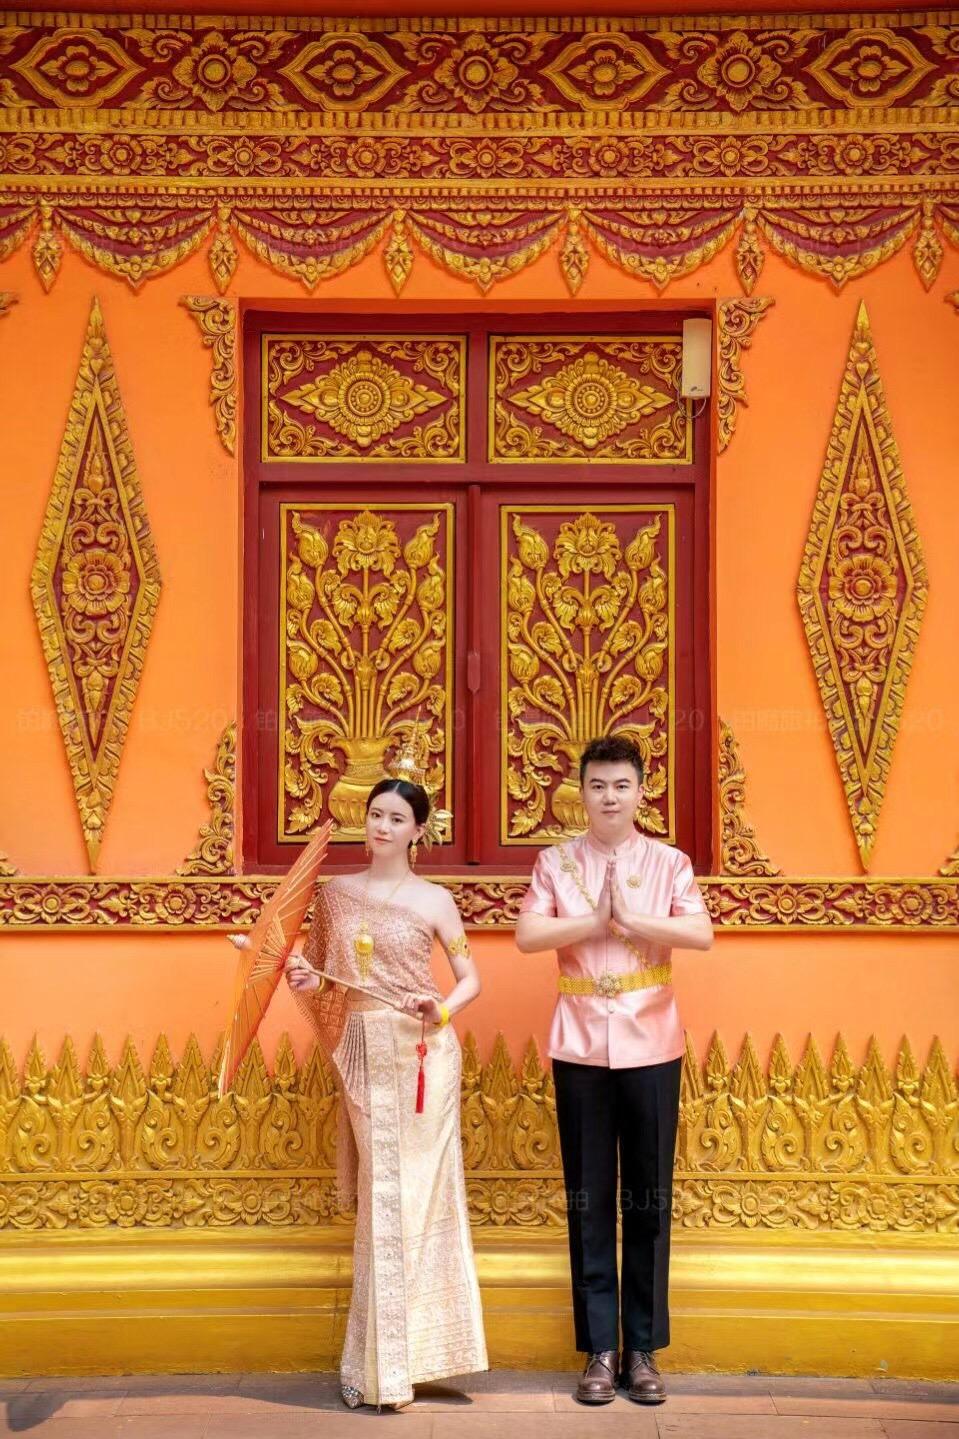 铂爵旅拍西双版纳婚纱照 没有遗憾的婚纱摄影之旅